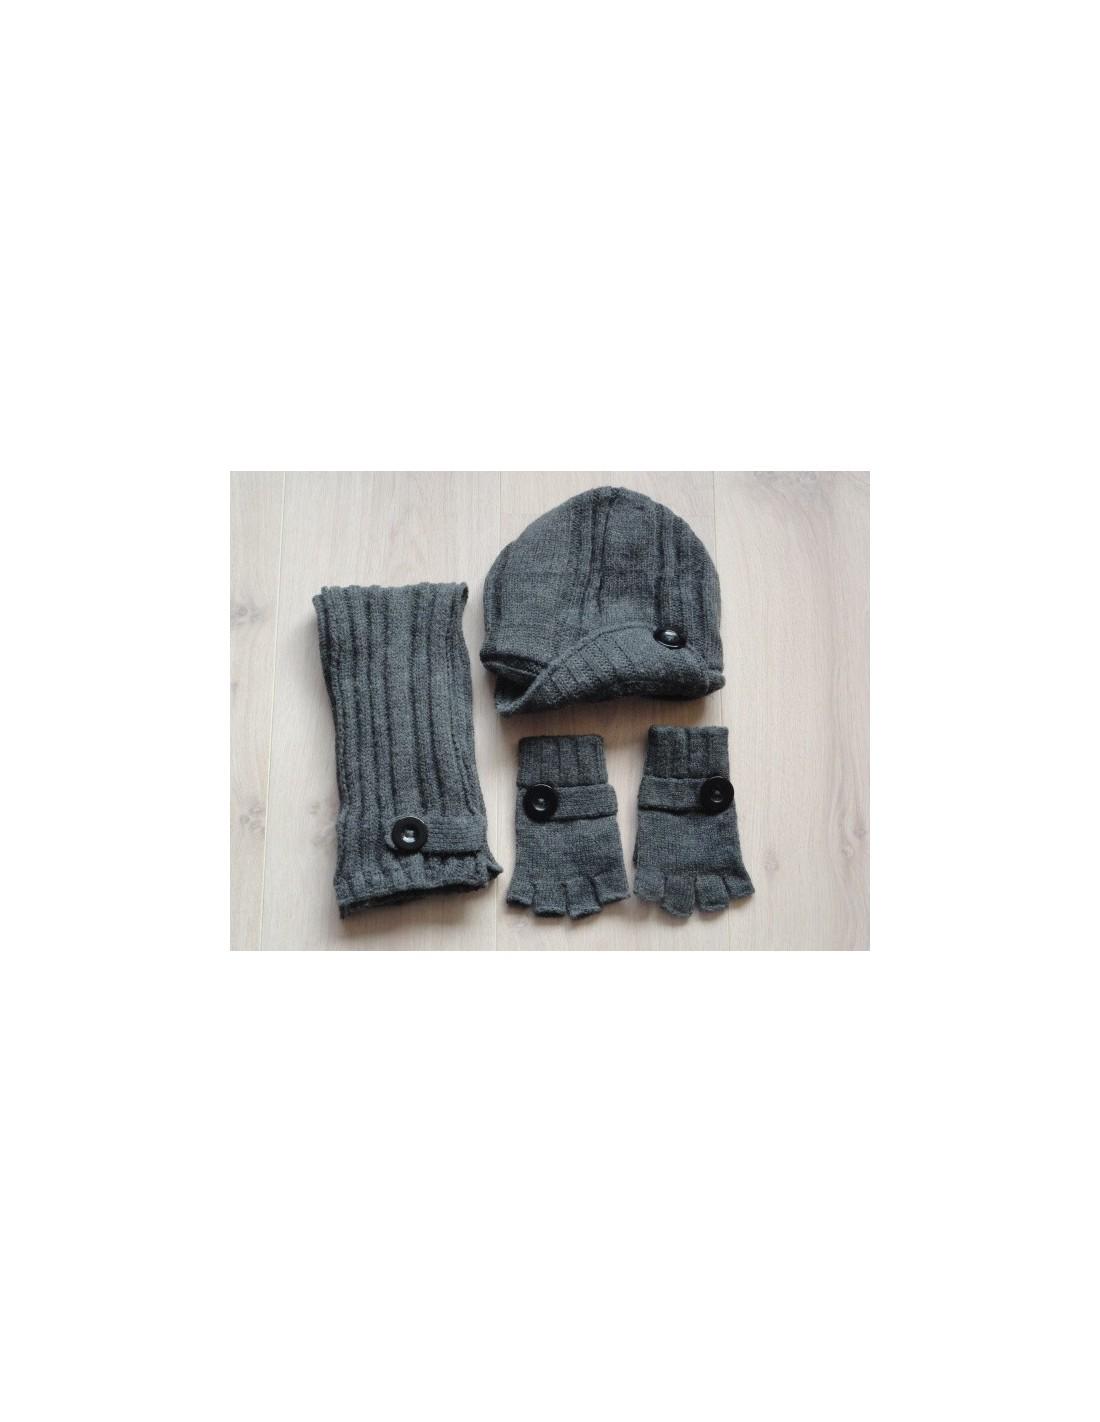 Goedkope sjaal muts handschoenen jongens, voor de koude, Sjaal, muts ...